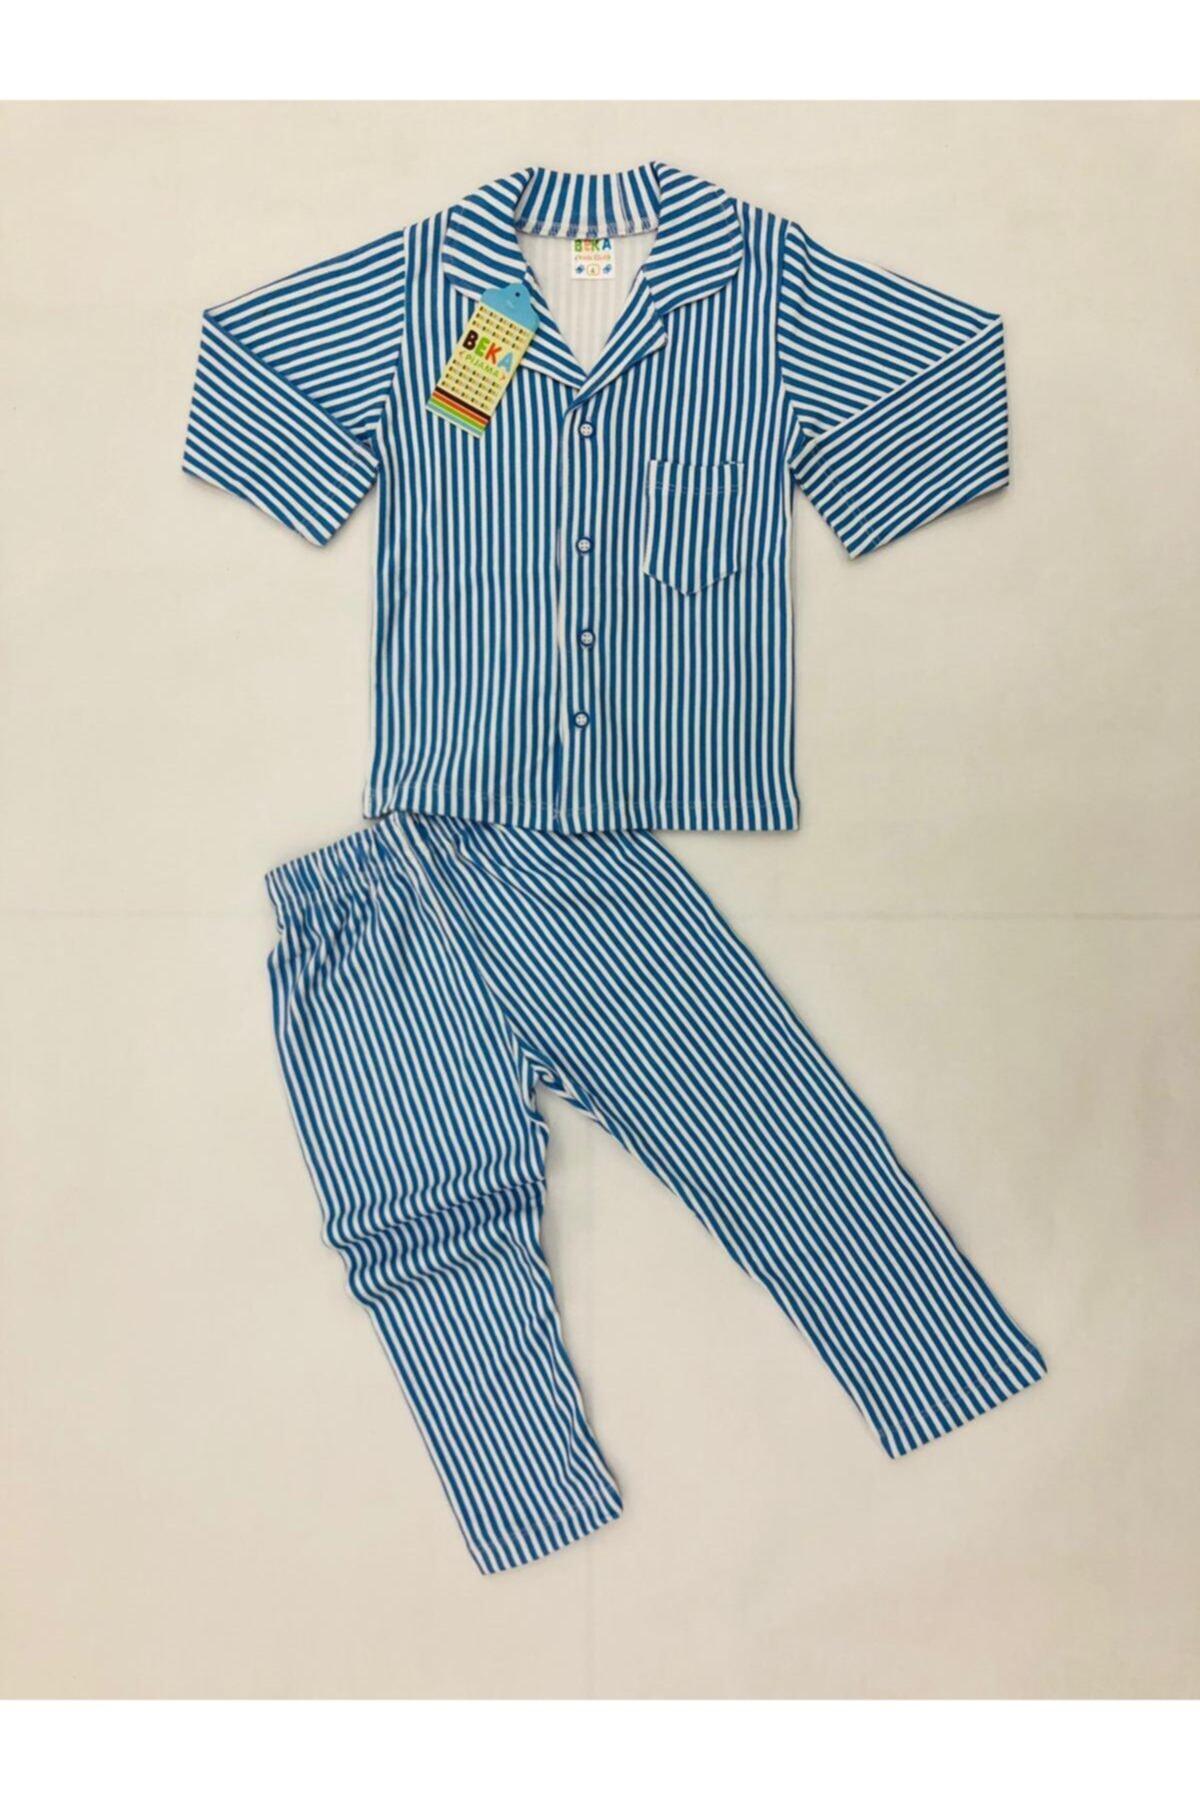 ست راحتی دخترانه اینترنتی برند Beka Pijama رنگ آبی کد ty86998507